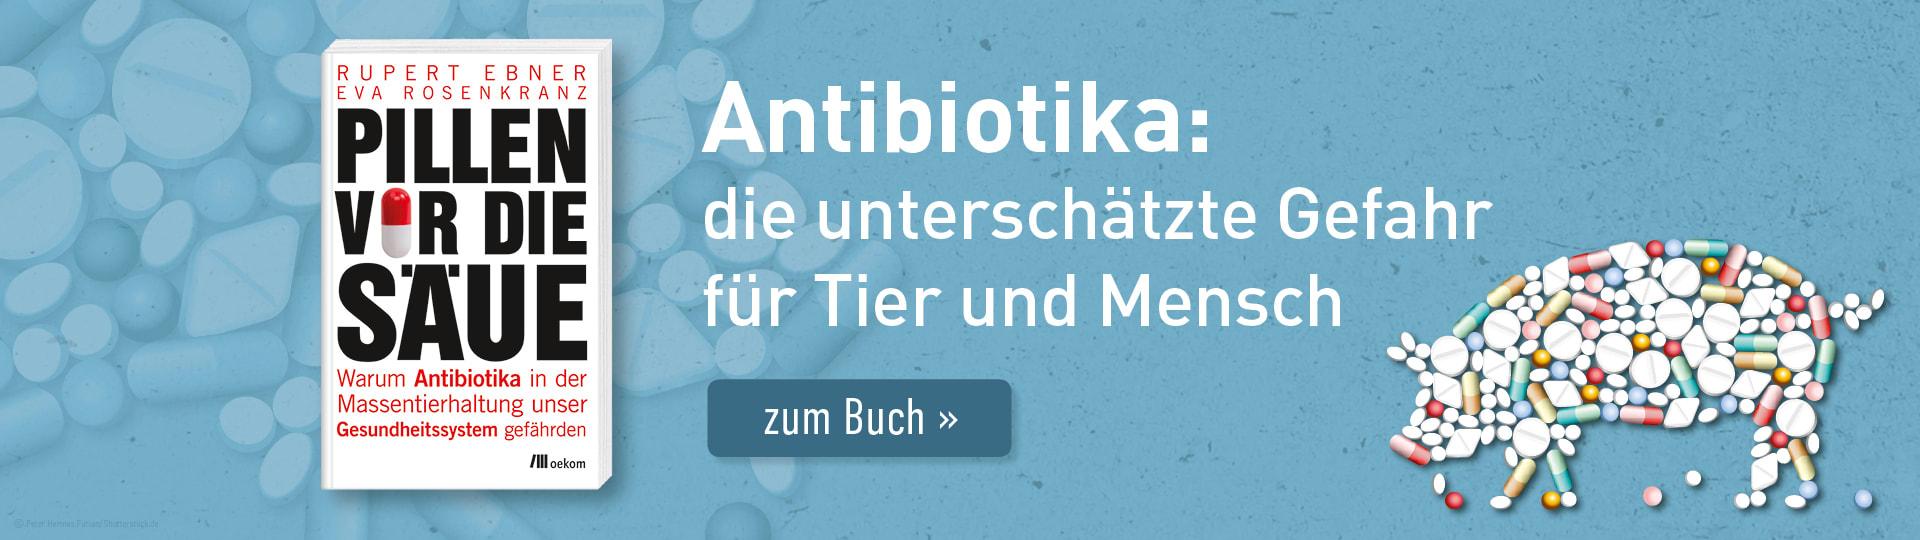 Werbebanner zum Buch »Pillen vor die Säue« von Rupert Ebner und Eva Rosenkranz